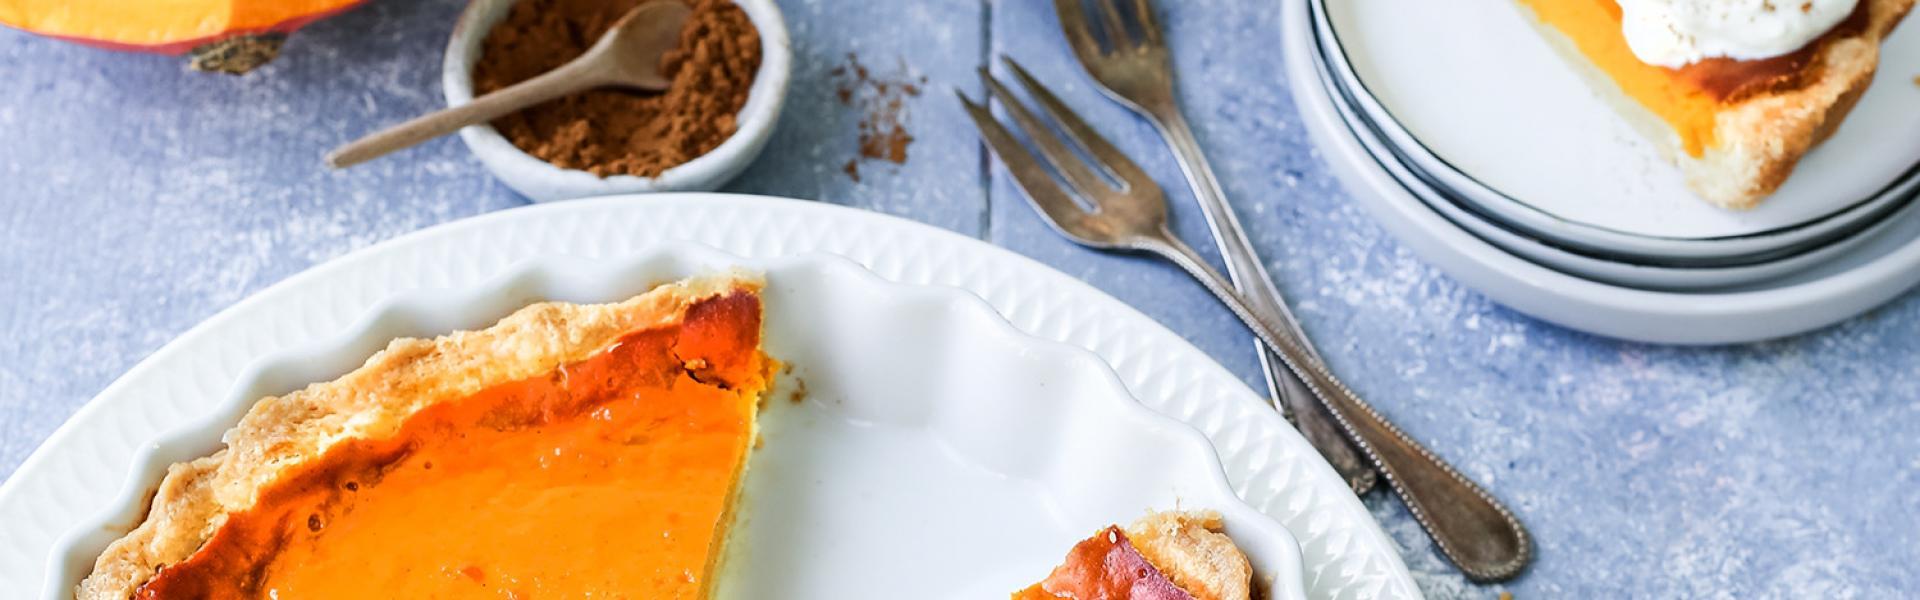 Pumpkin Pie auf einem Tisch mit Kürbissen, Püree und Sahne angerichtet.